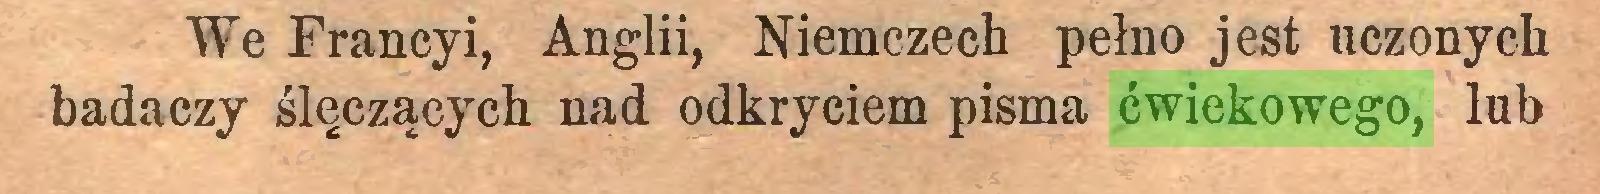 (...) We Francy i, Anglii, Niemczech pełno jest uczonych badaczy ślęczących nad odkryciem pisma ćwiekowego, lub...